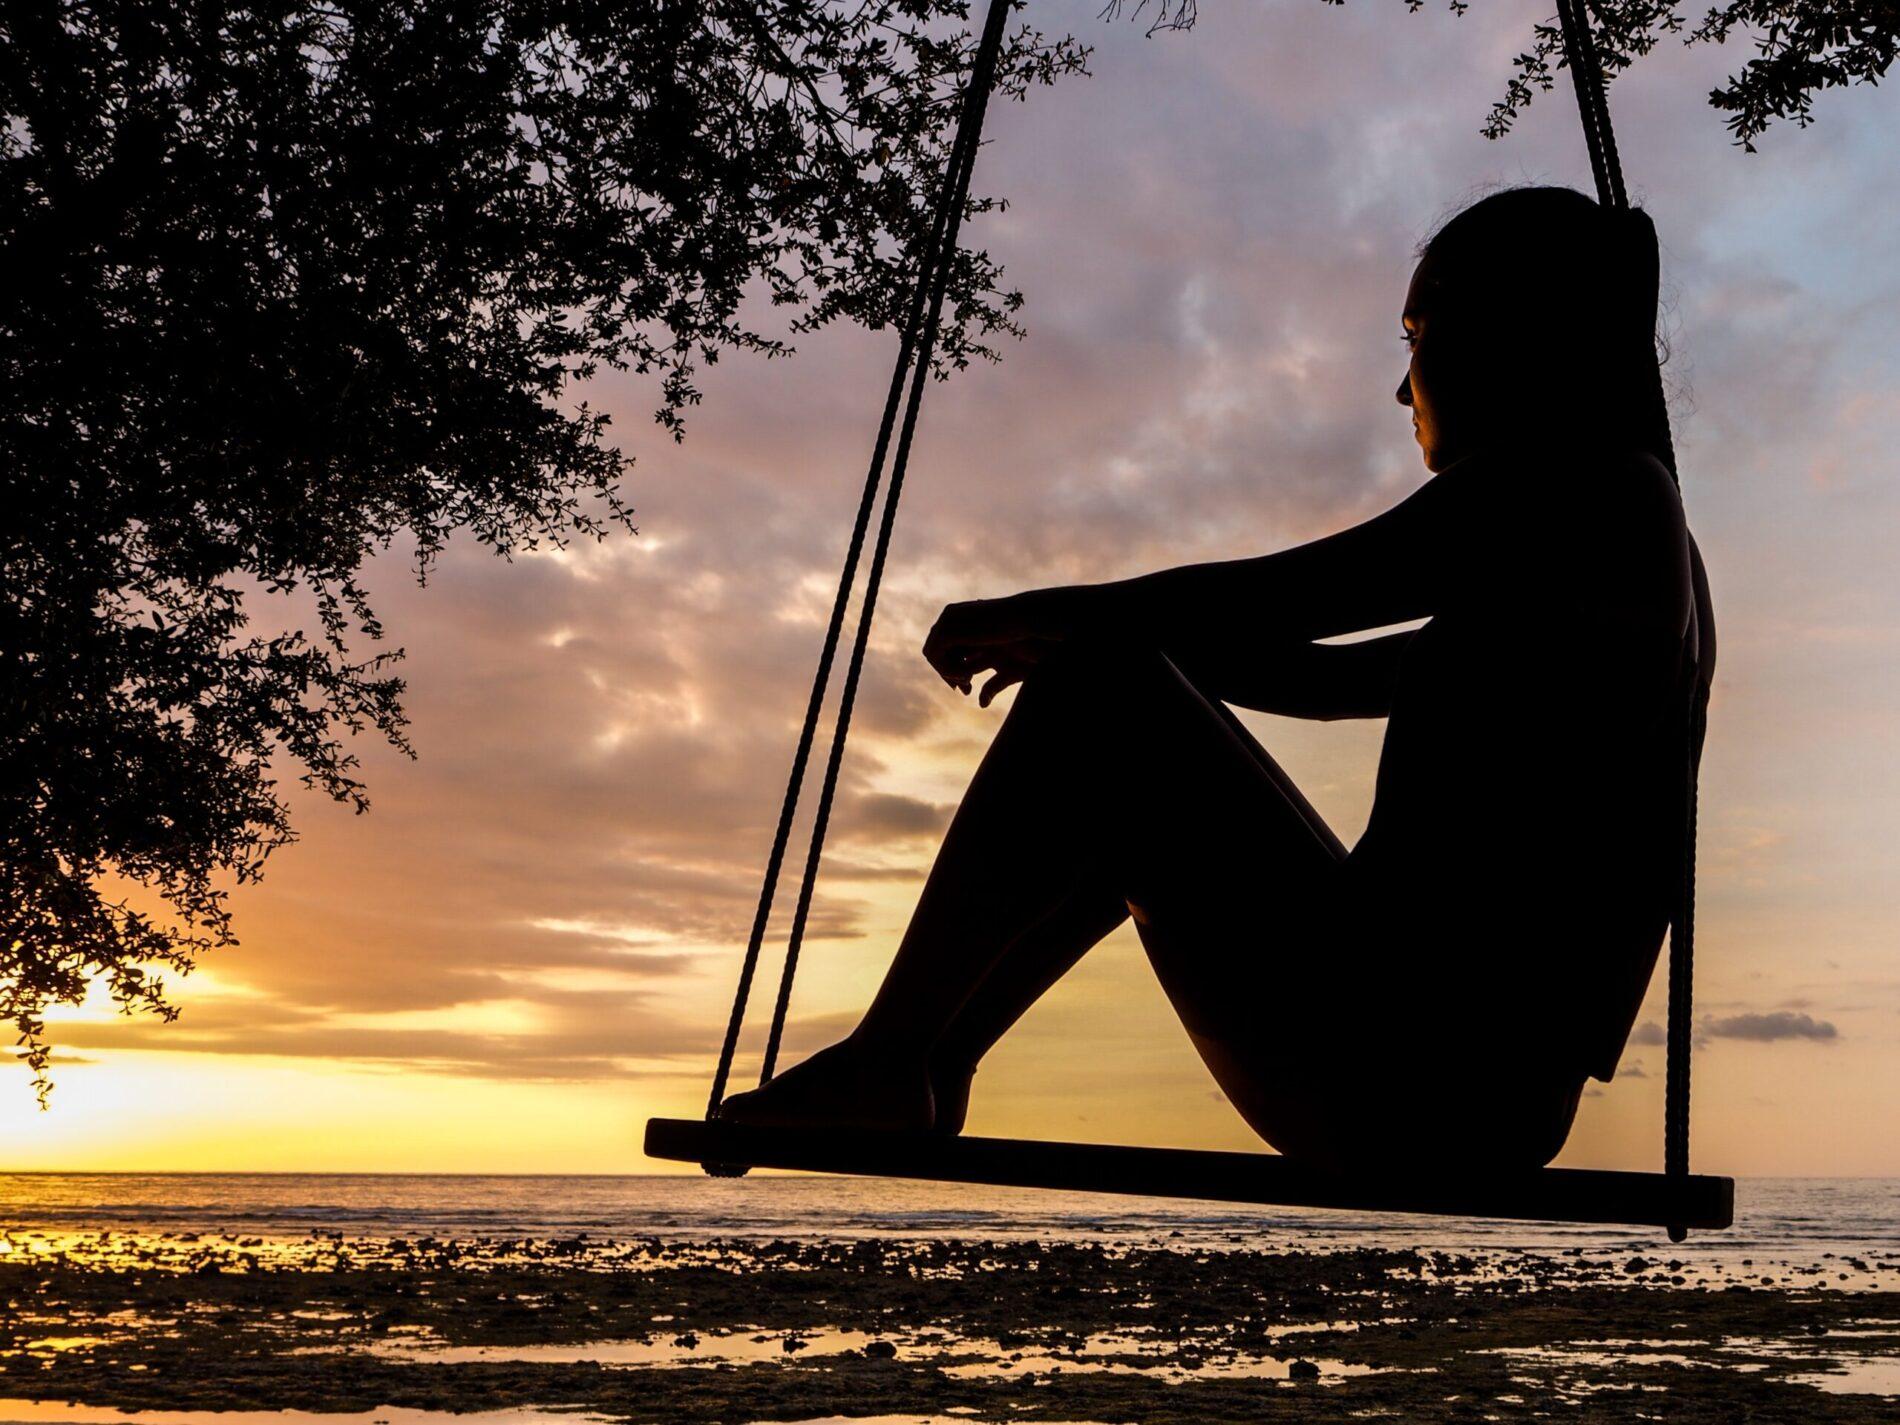 ¿Cómo desarrollar resiliencia psicológica y psiquiátrica en tiempos de contingencia?